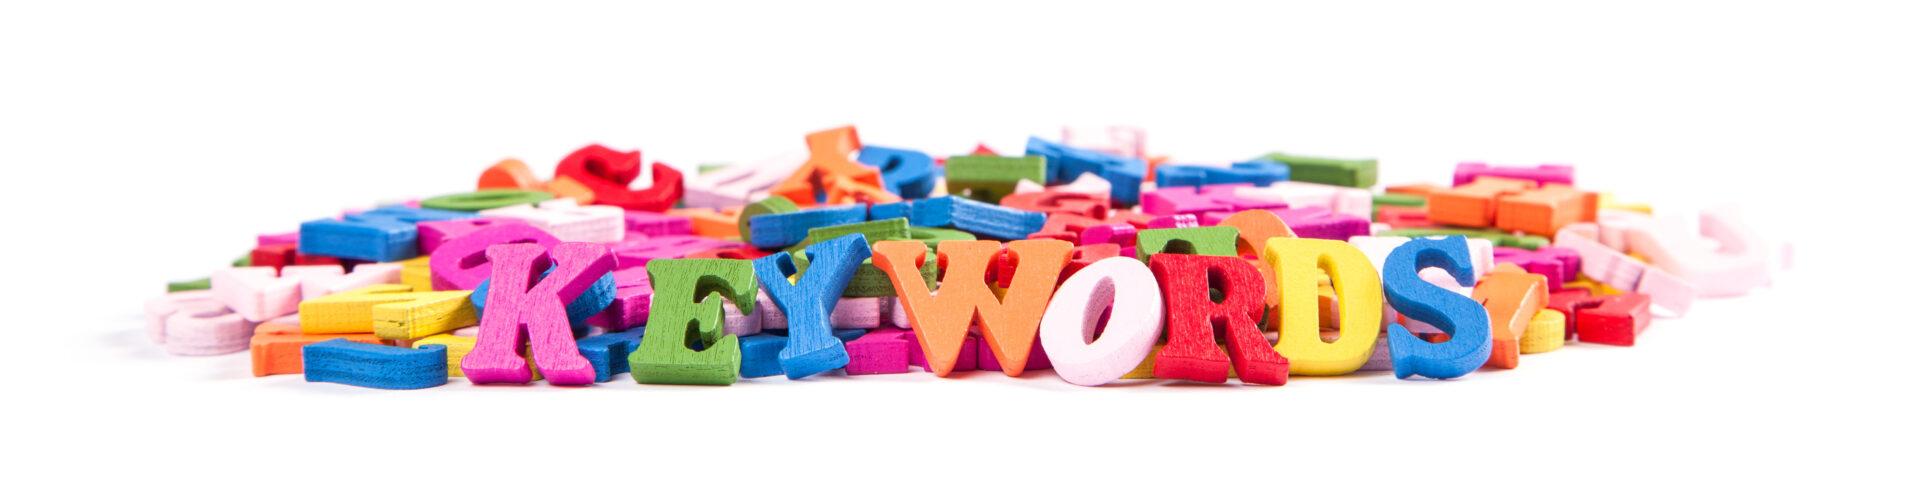 WDF-IDT-Tool hilft richtige Keywords zu finden